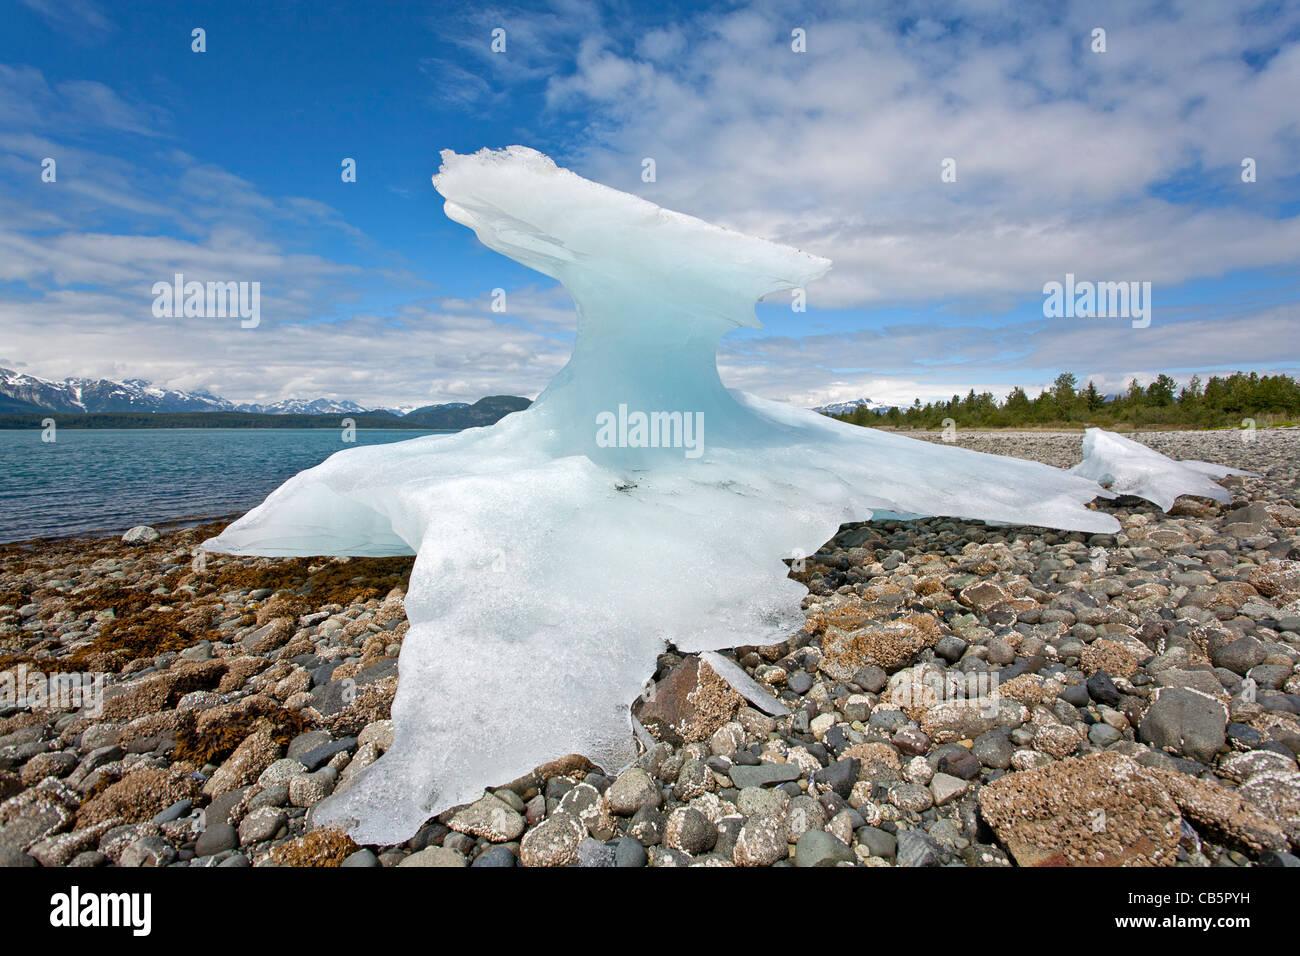 Iceberg piégées sur le rivage à marée basse. Muir Inlet. Glacier Bay. De l'Alaska. USA Photo Stock